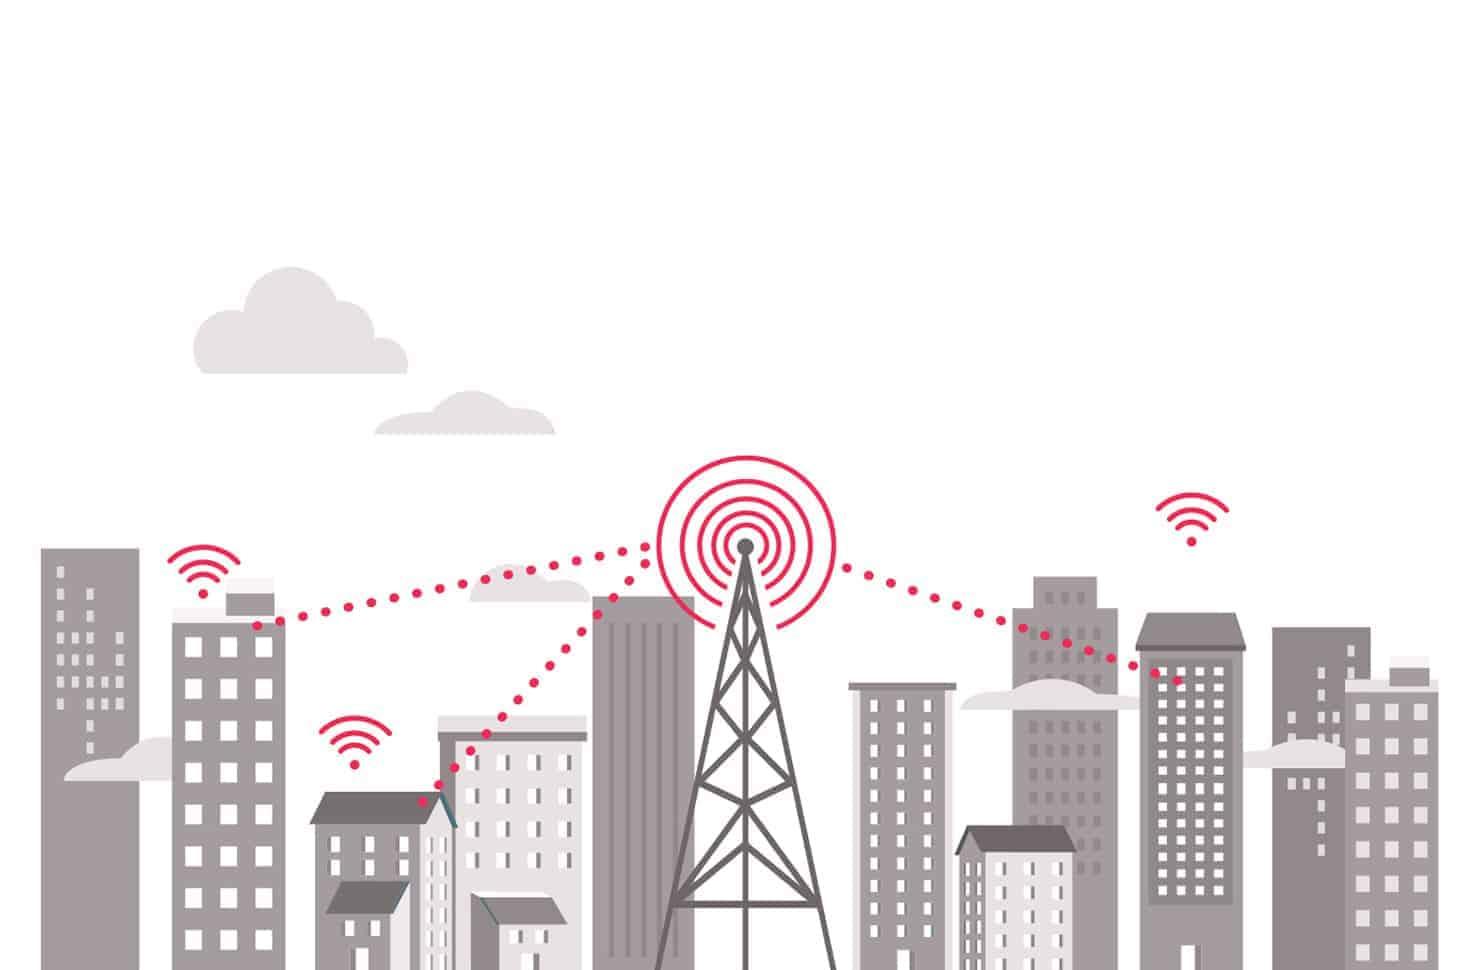 Fixed wireless in urban area.